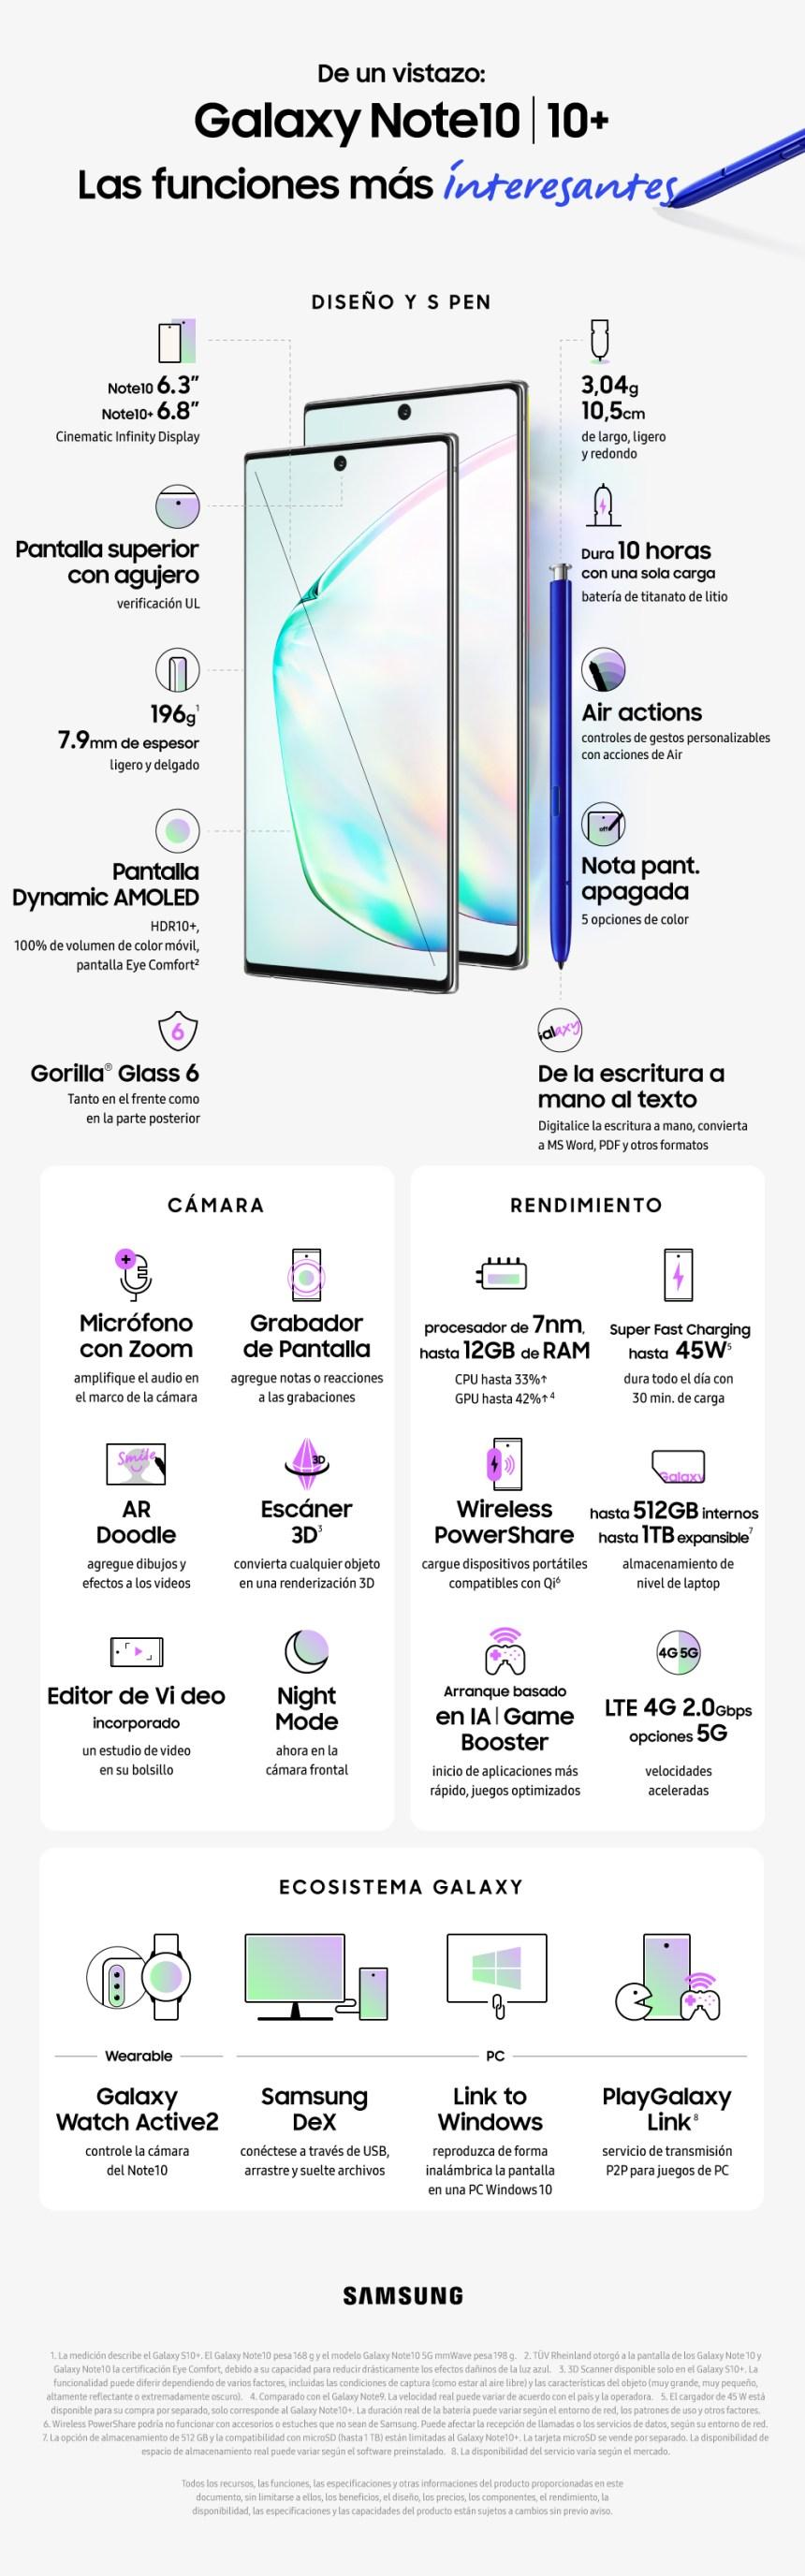 Funciones más interesantes del Galaxy Note 10